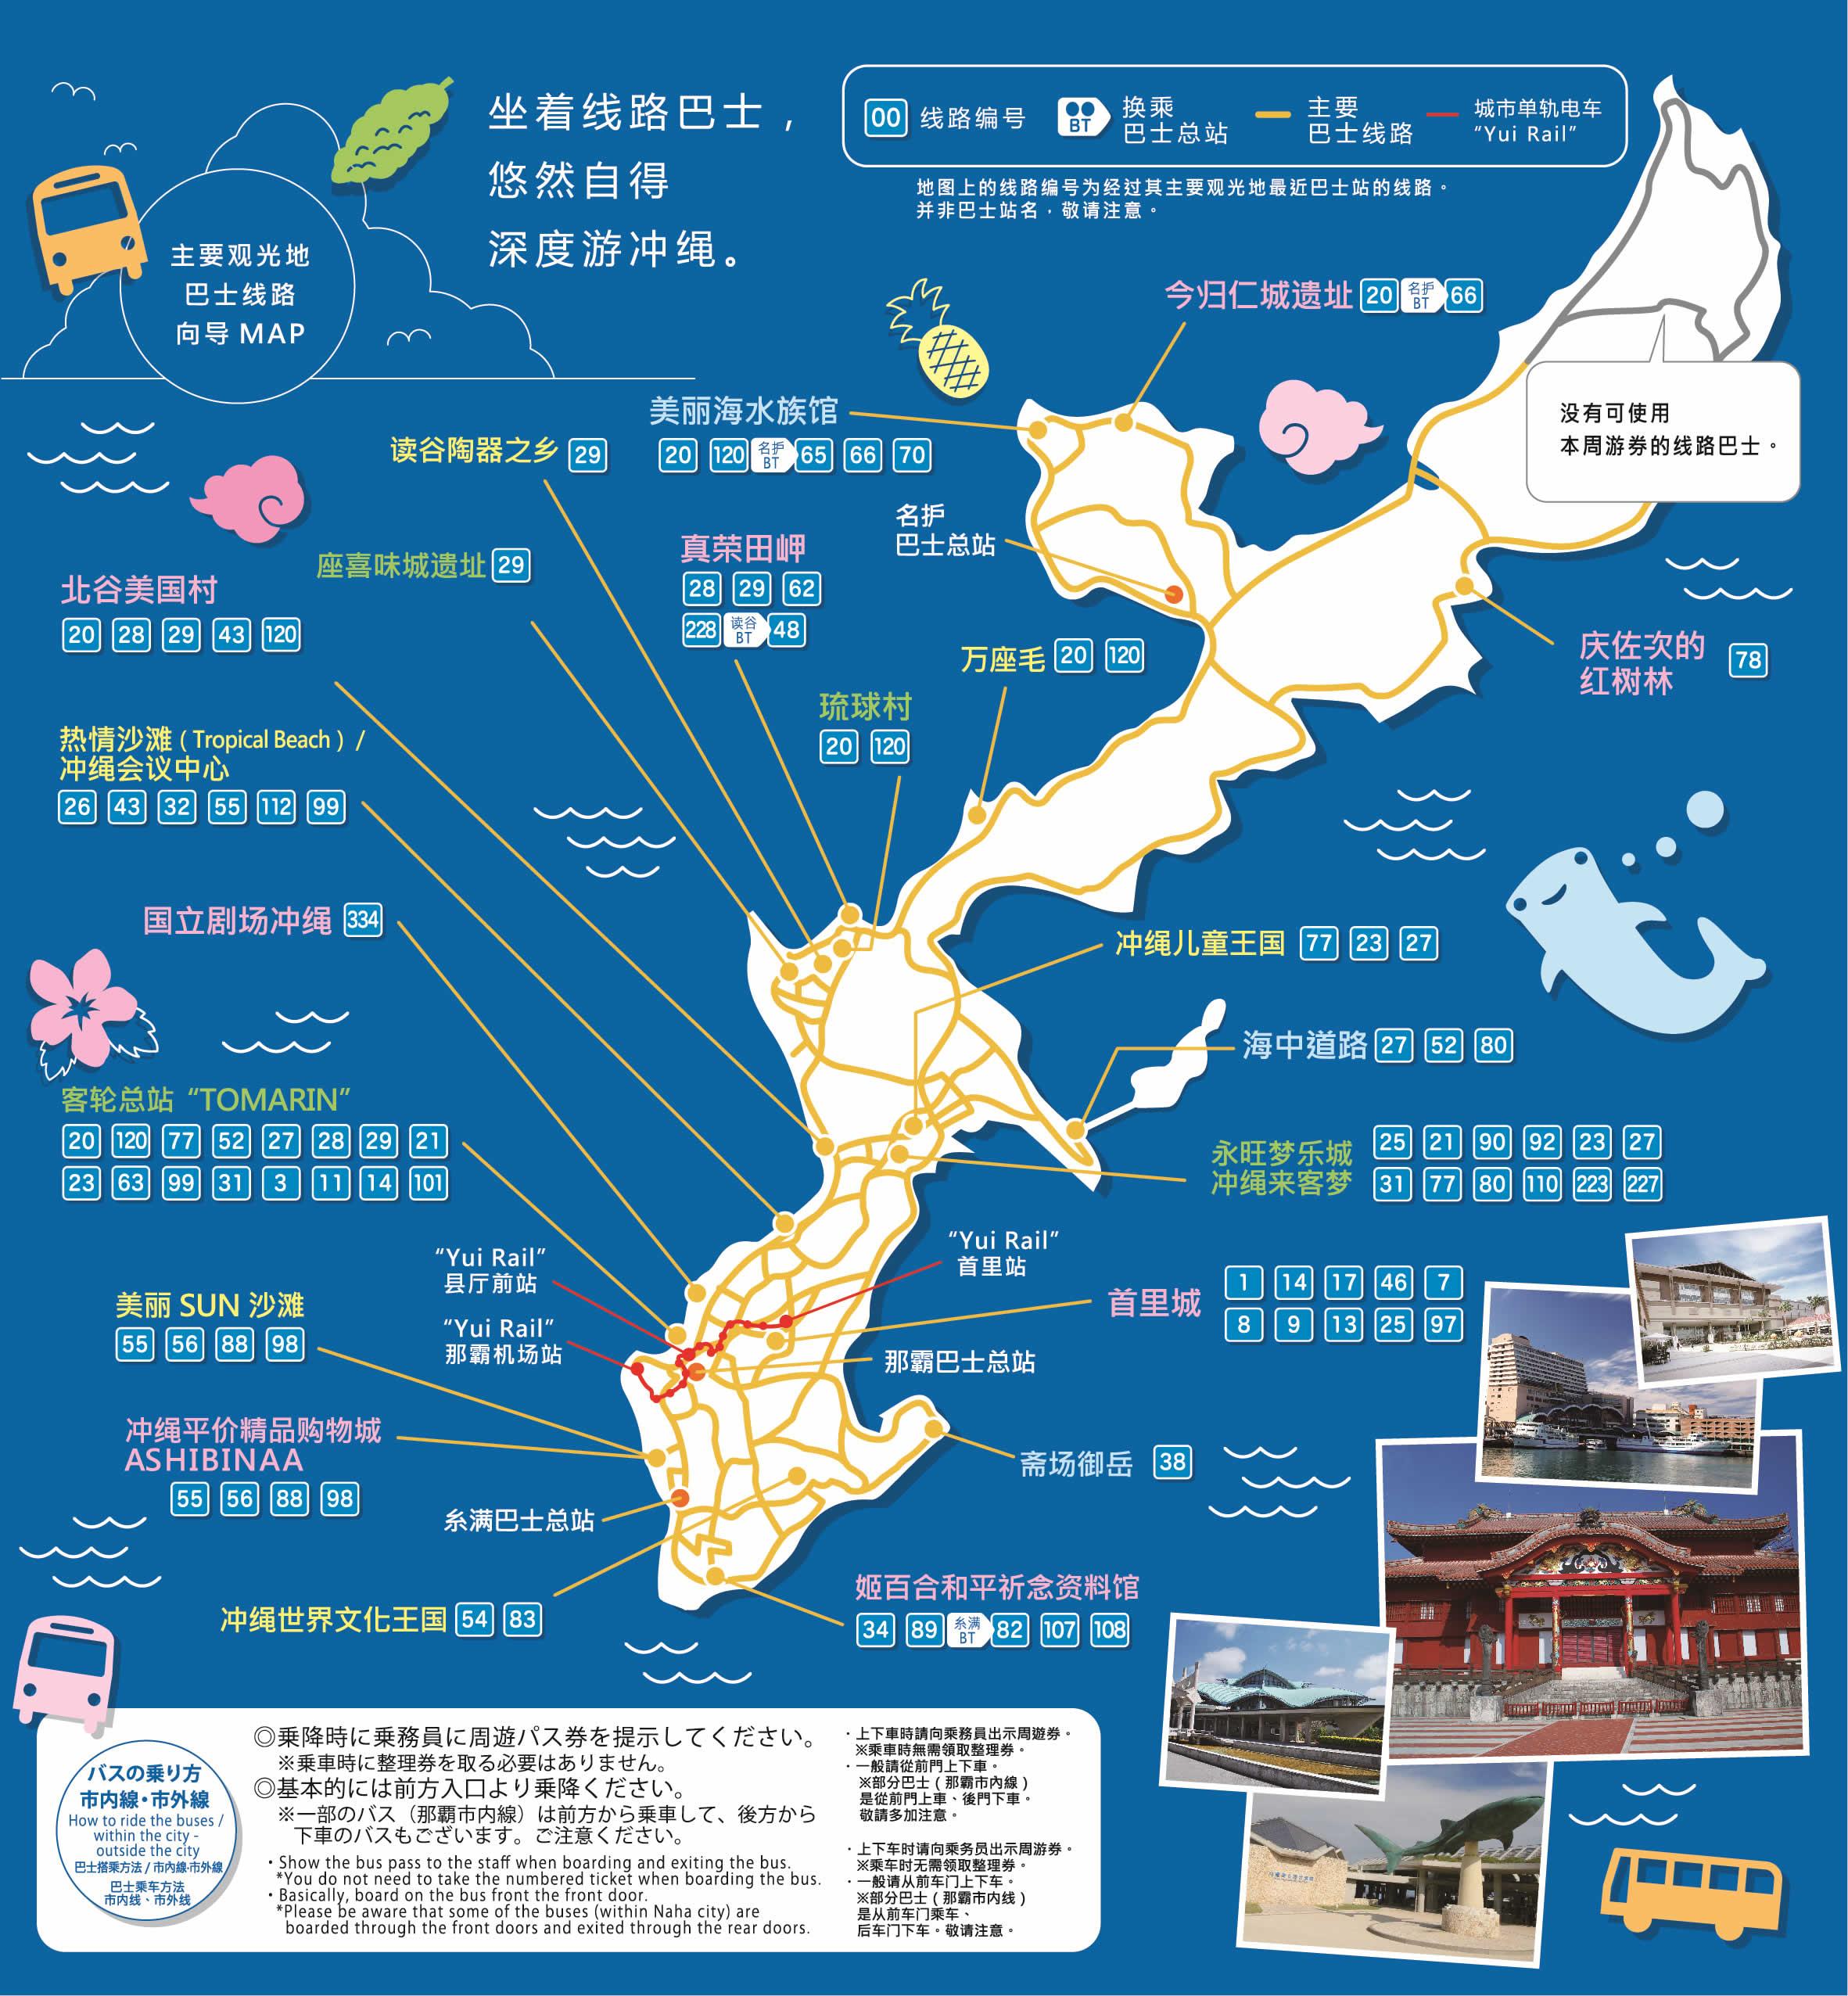 琉球巴士全线; ●  冲绳巴士全线; ● 那霸巴士全线; ● 东阳